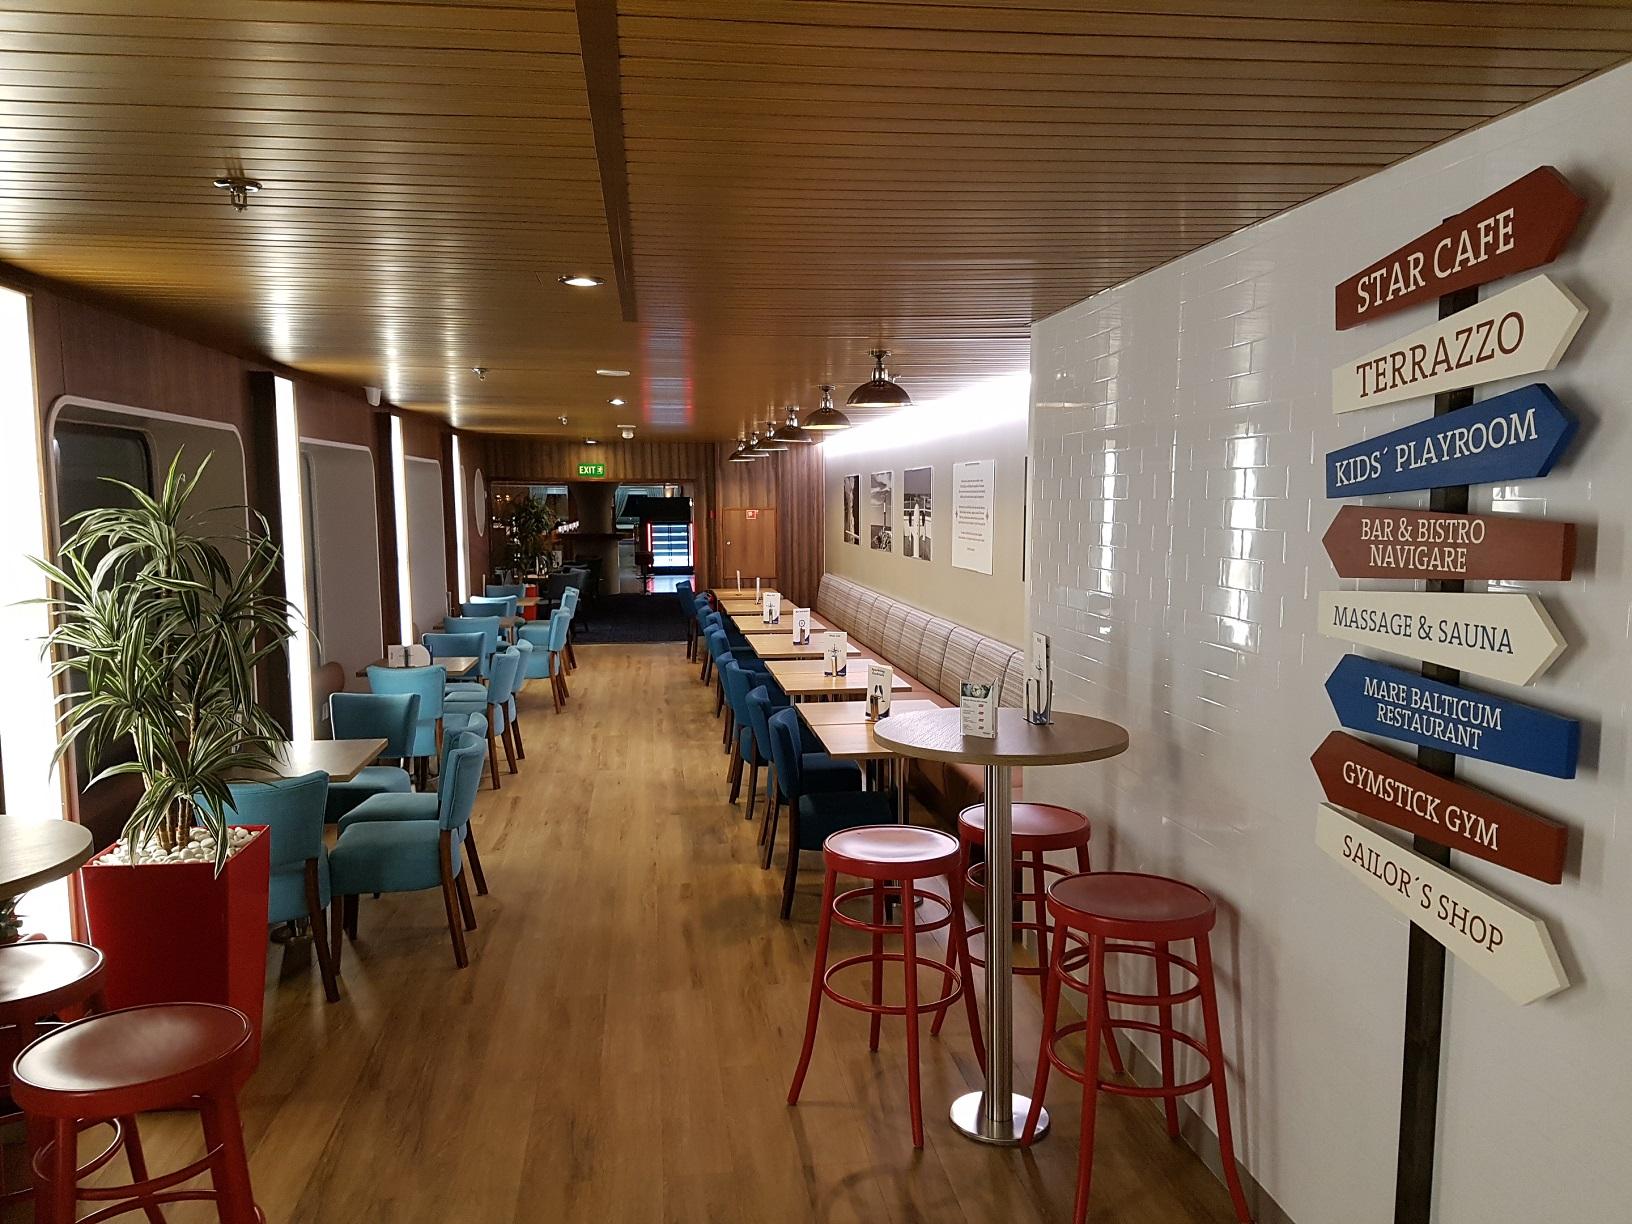 Platz zum Entspannen mit Meerblick: Das Star Café.